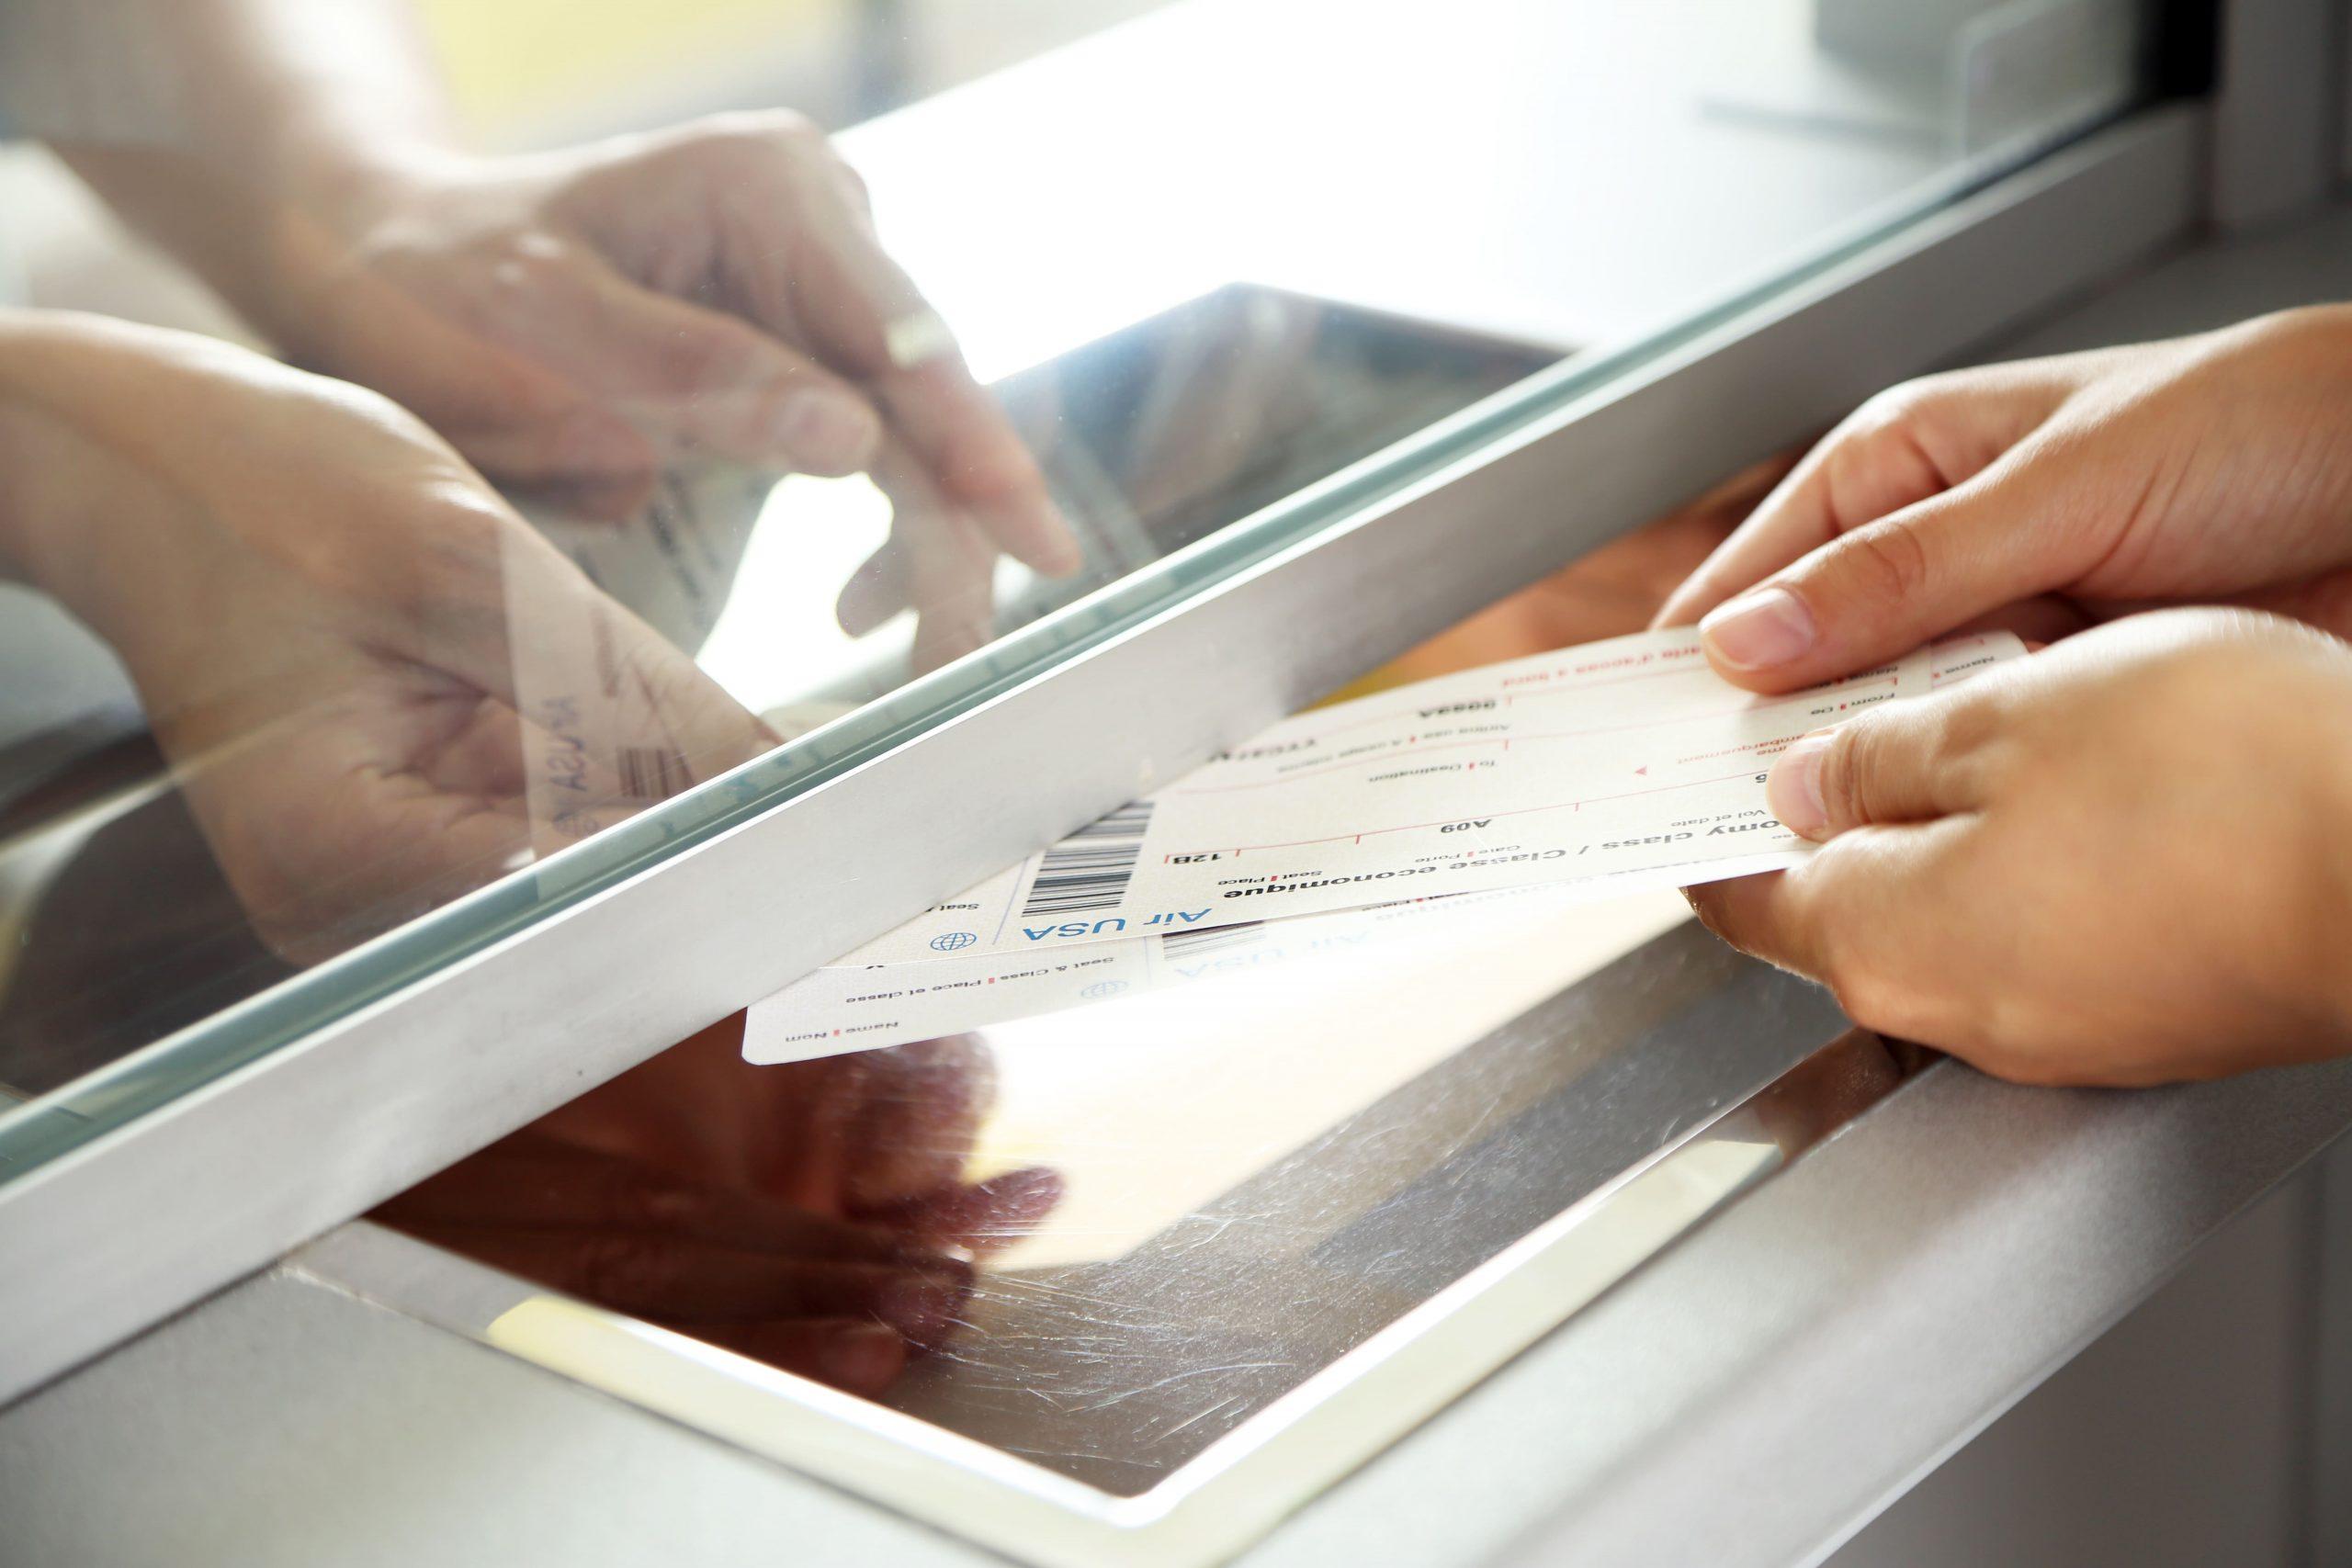 Professionelles Ticketsystem für Kleinveranstalter